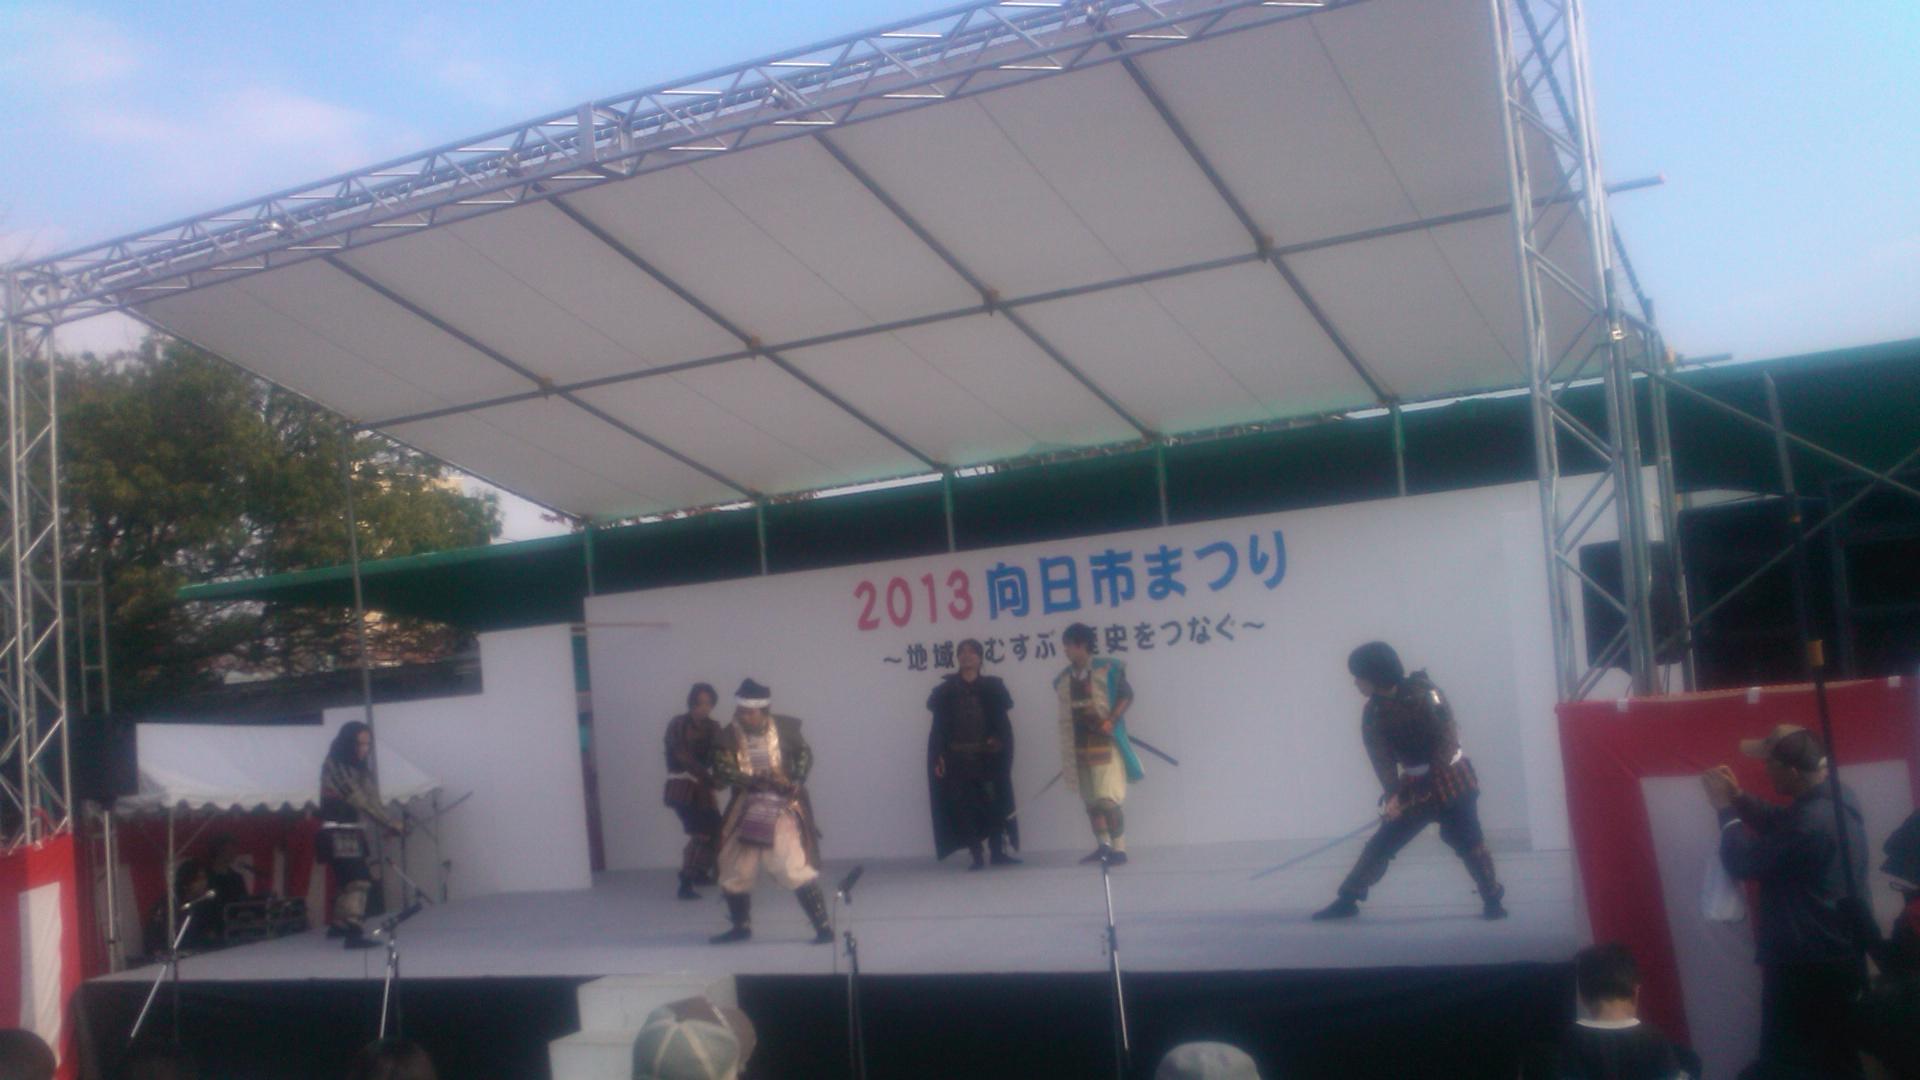 20131117mukoshimatsuri03.jpg